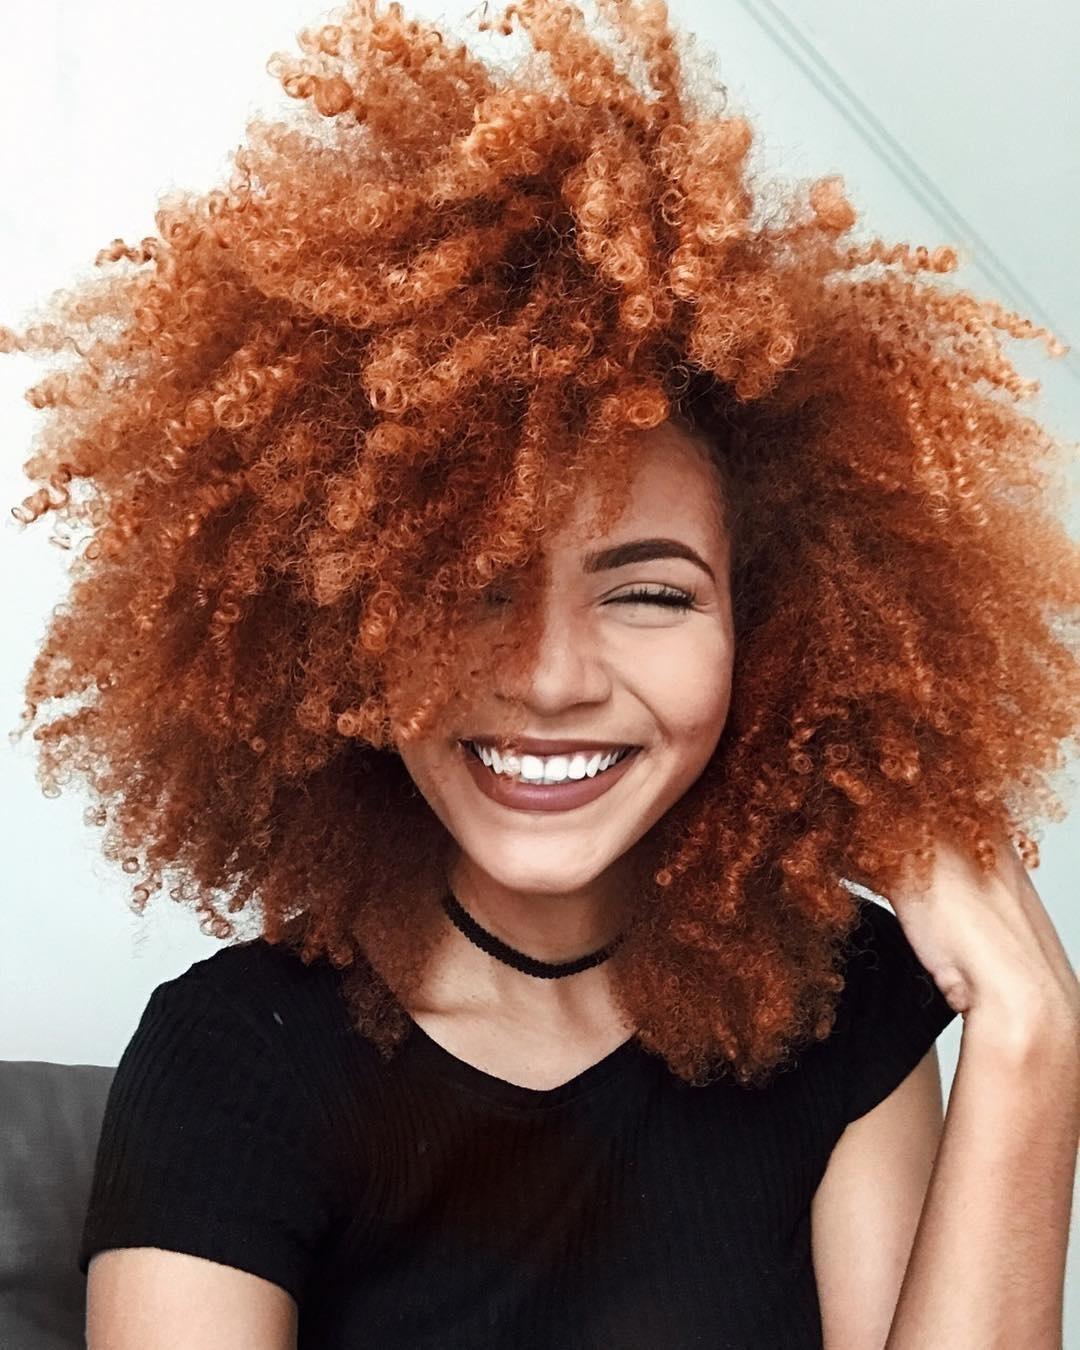 06944c1b8 10 musas dos cabelos cacheados para você seguir no Instagram - 24 08 2017 -  UOL Universa